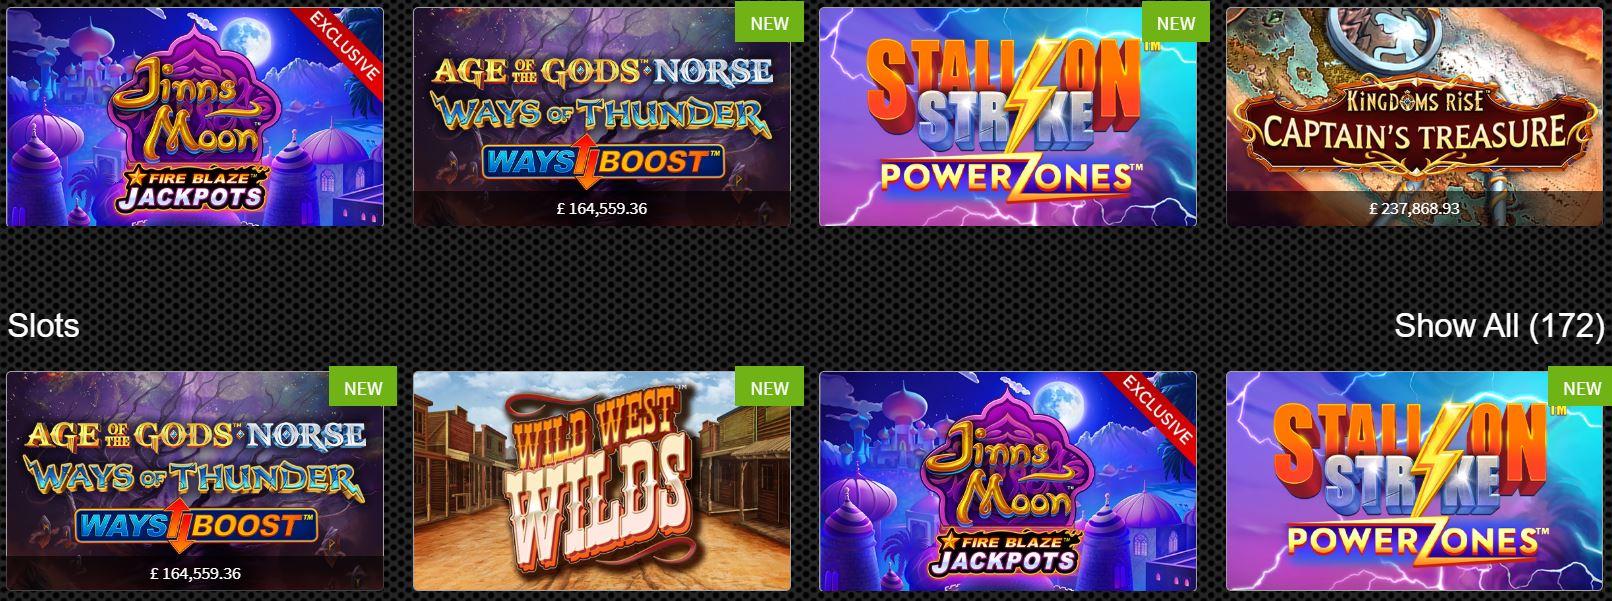 Este casino online cuenta con juegos como poker o ruleta.